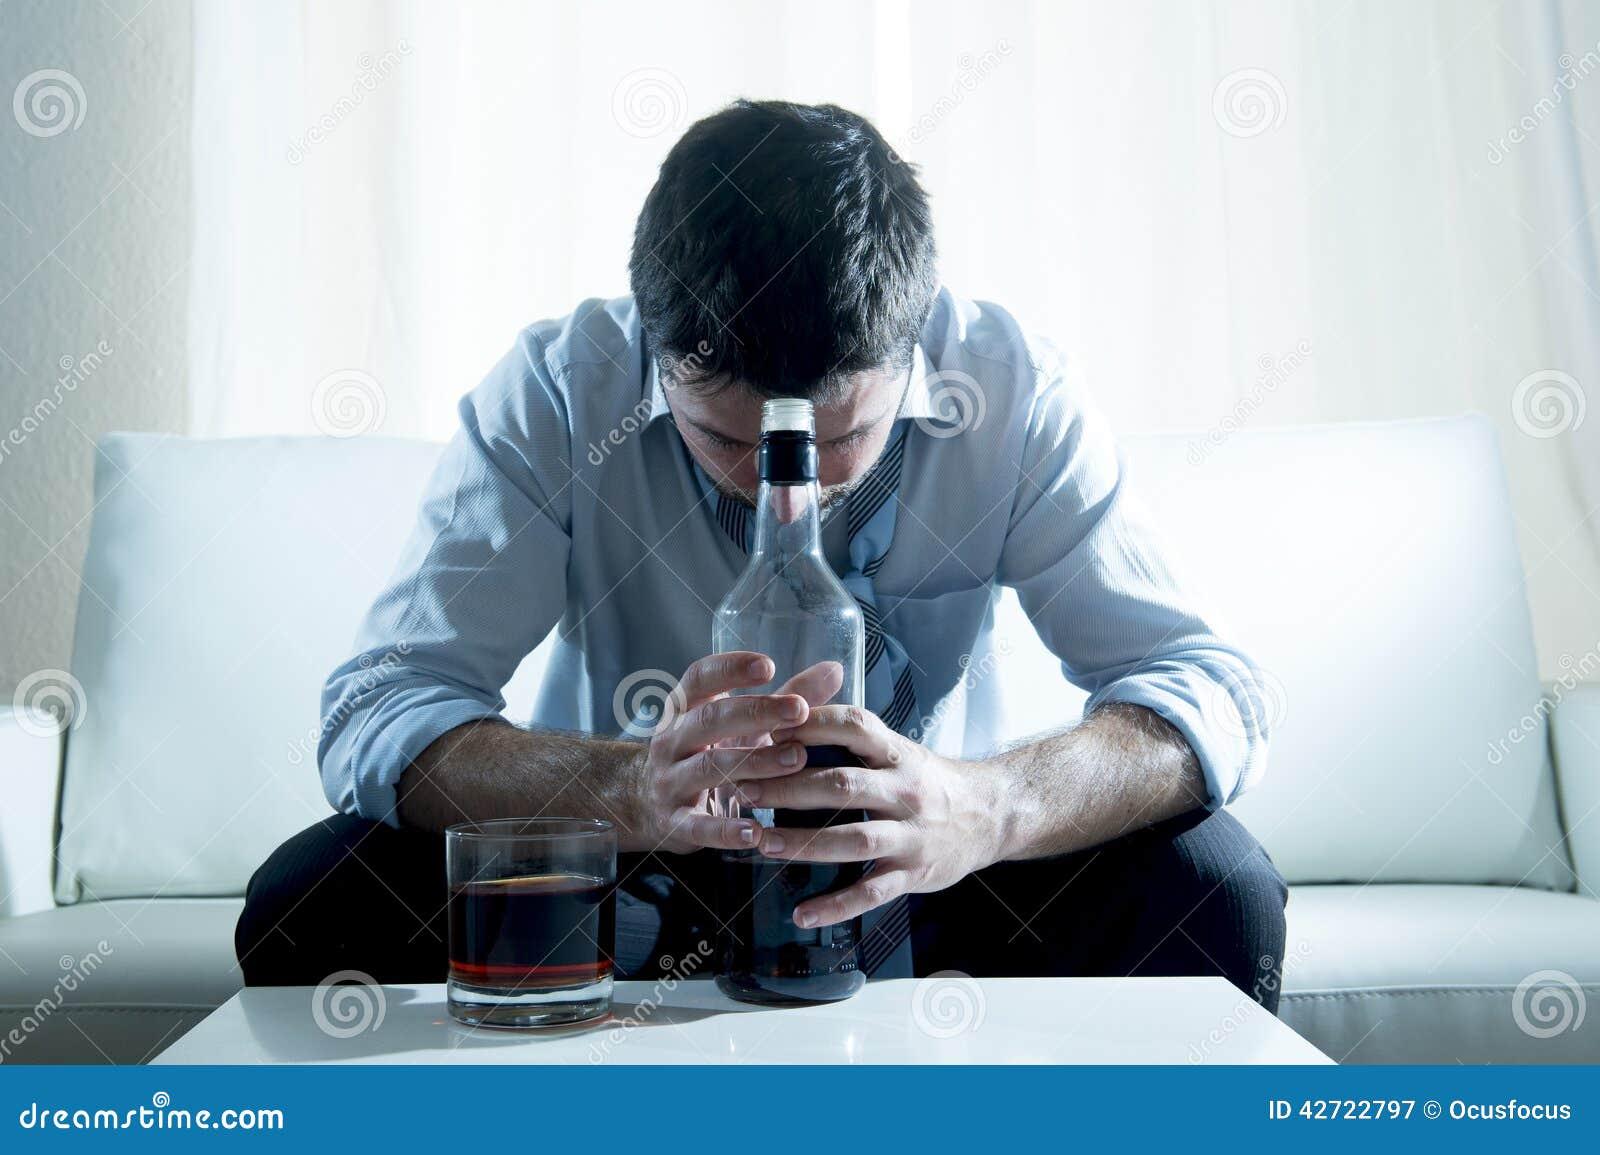 Alcoholische Bedrijfsmens die blauwe losse die band dragen met whiskyfles wordt gedronken op laag